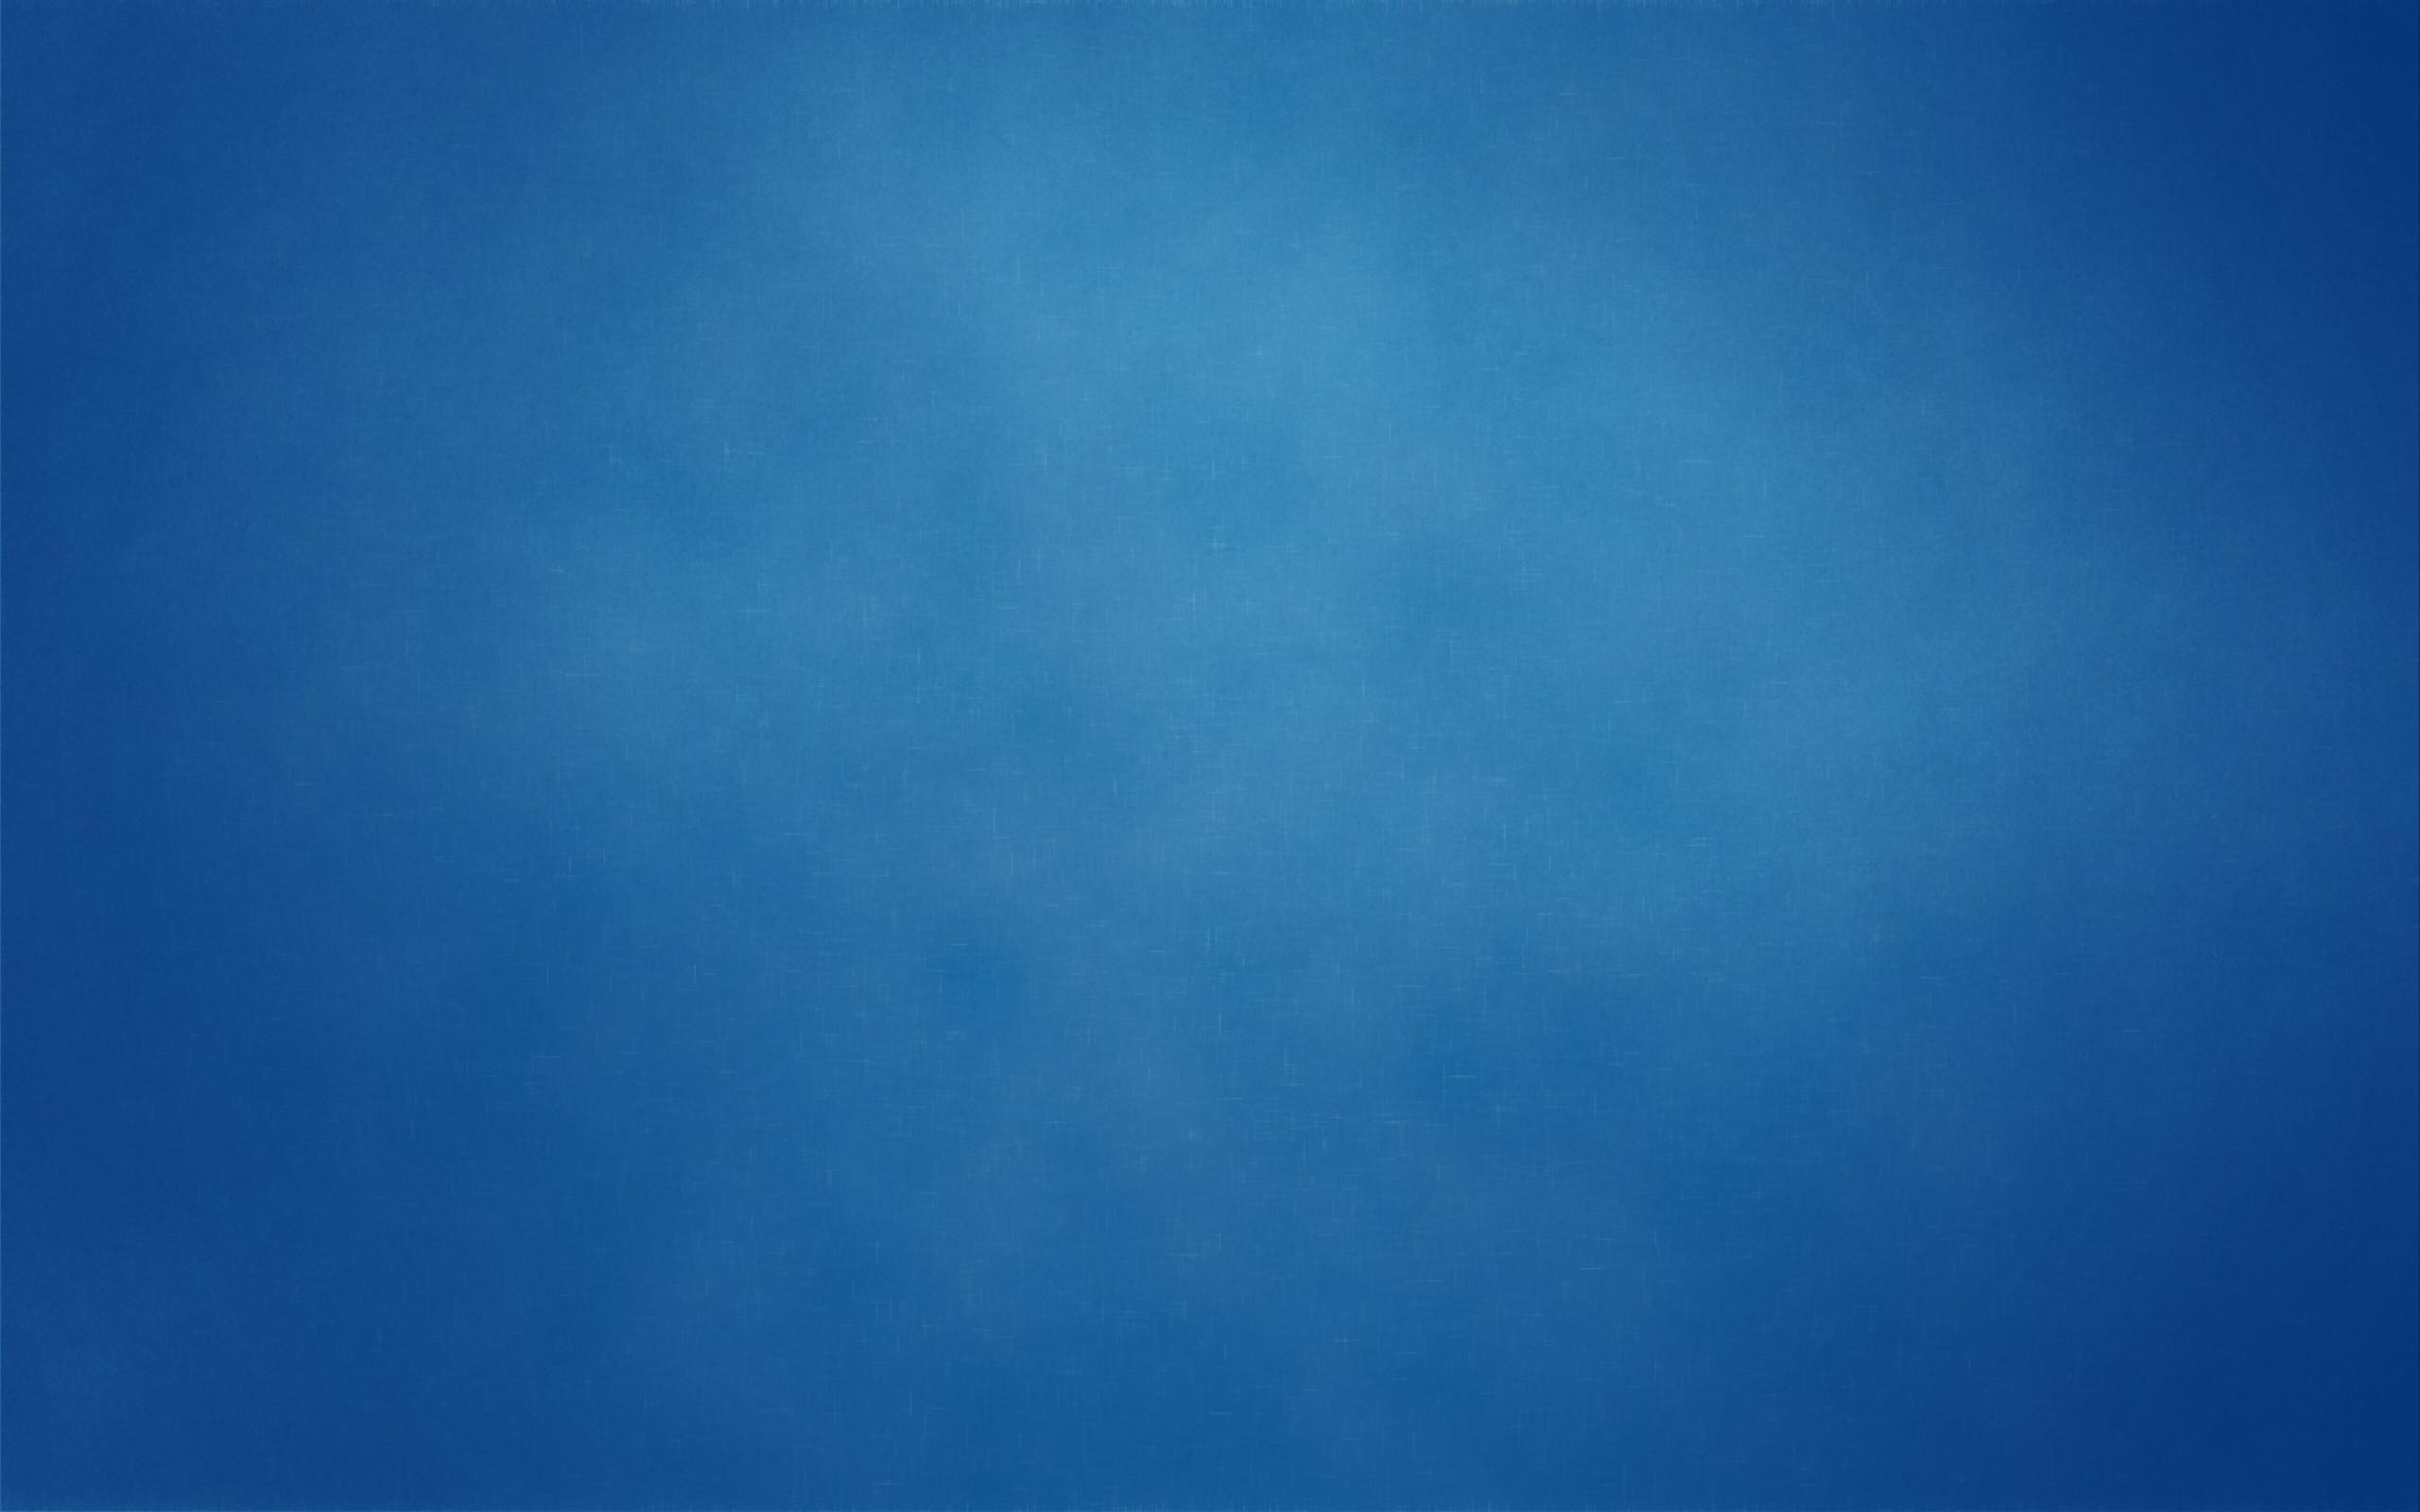 Dark Blue Background Images 0x0